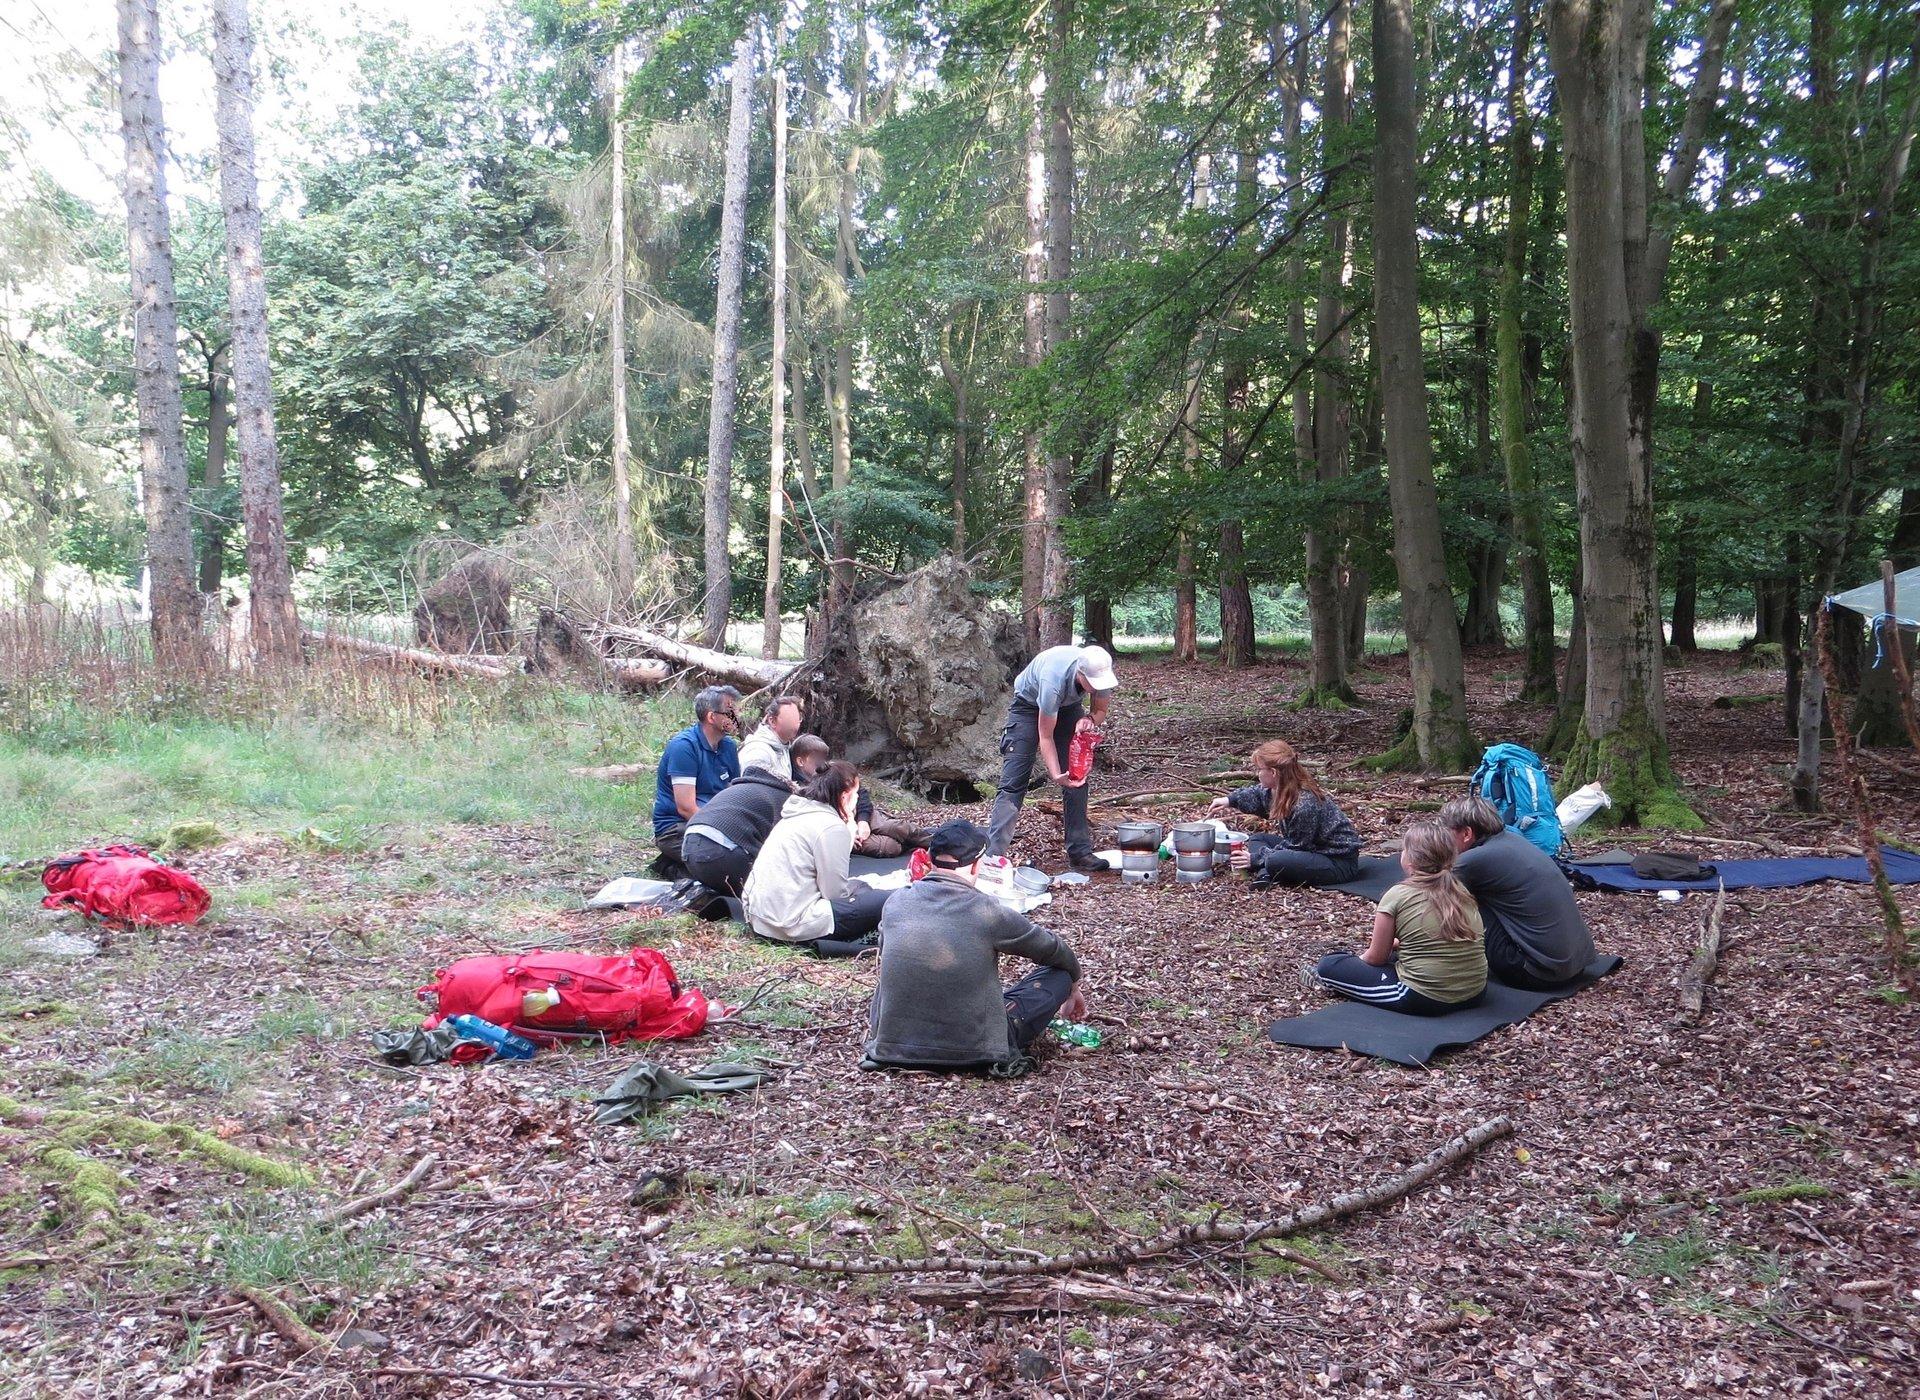 Eine Gruppe von Menschen sitzt auf einer Lichtung im Wald